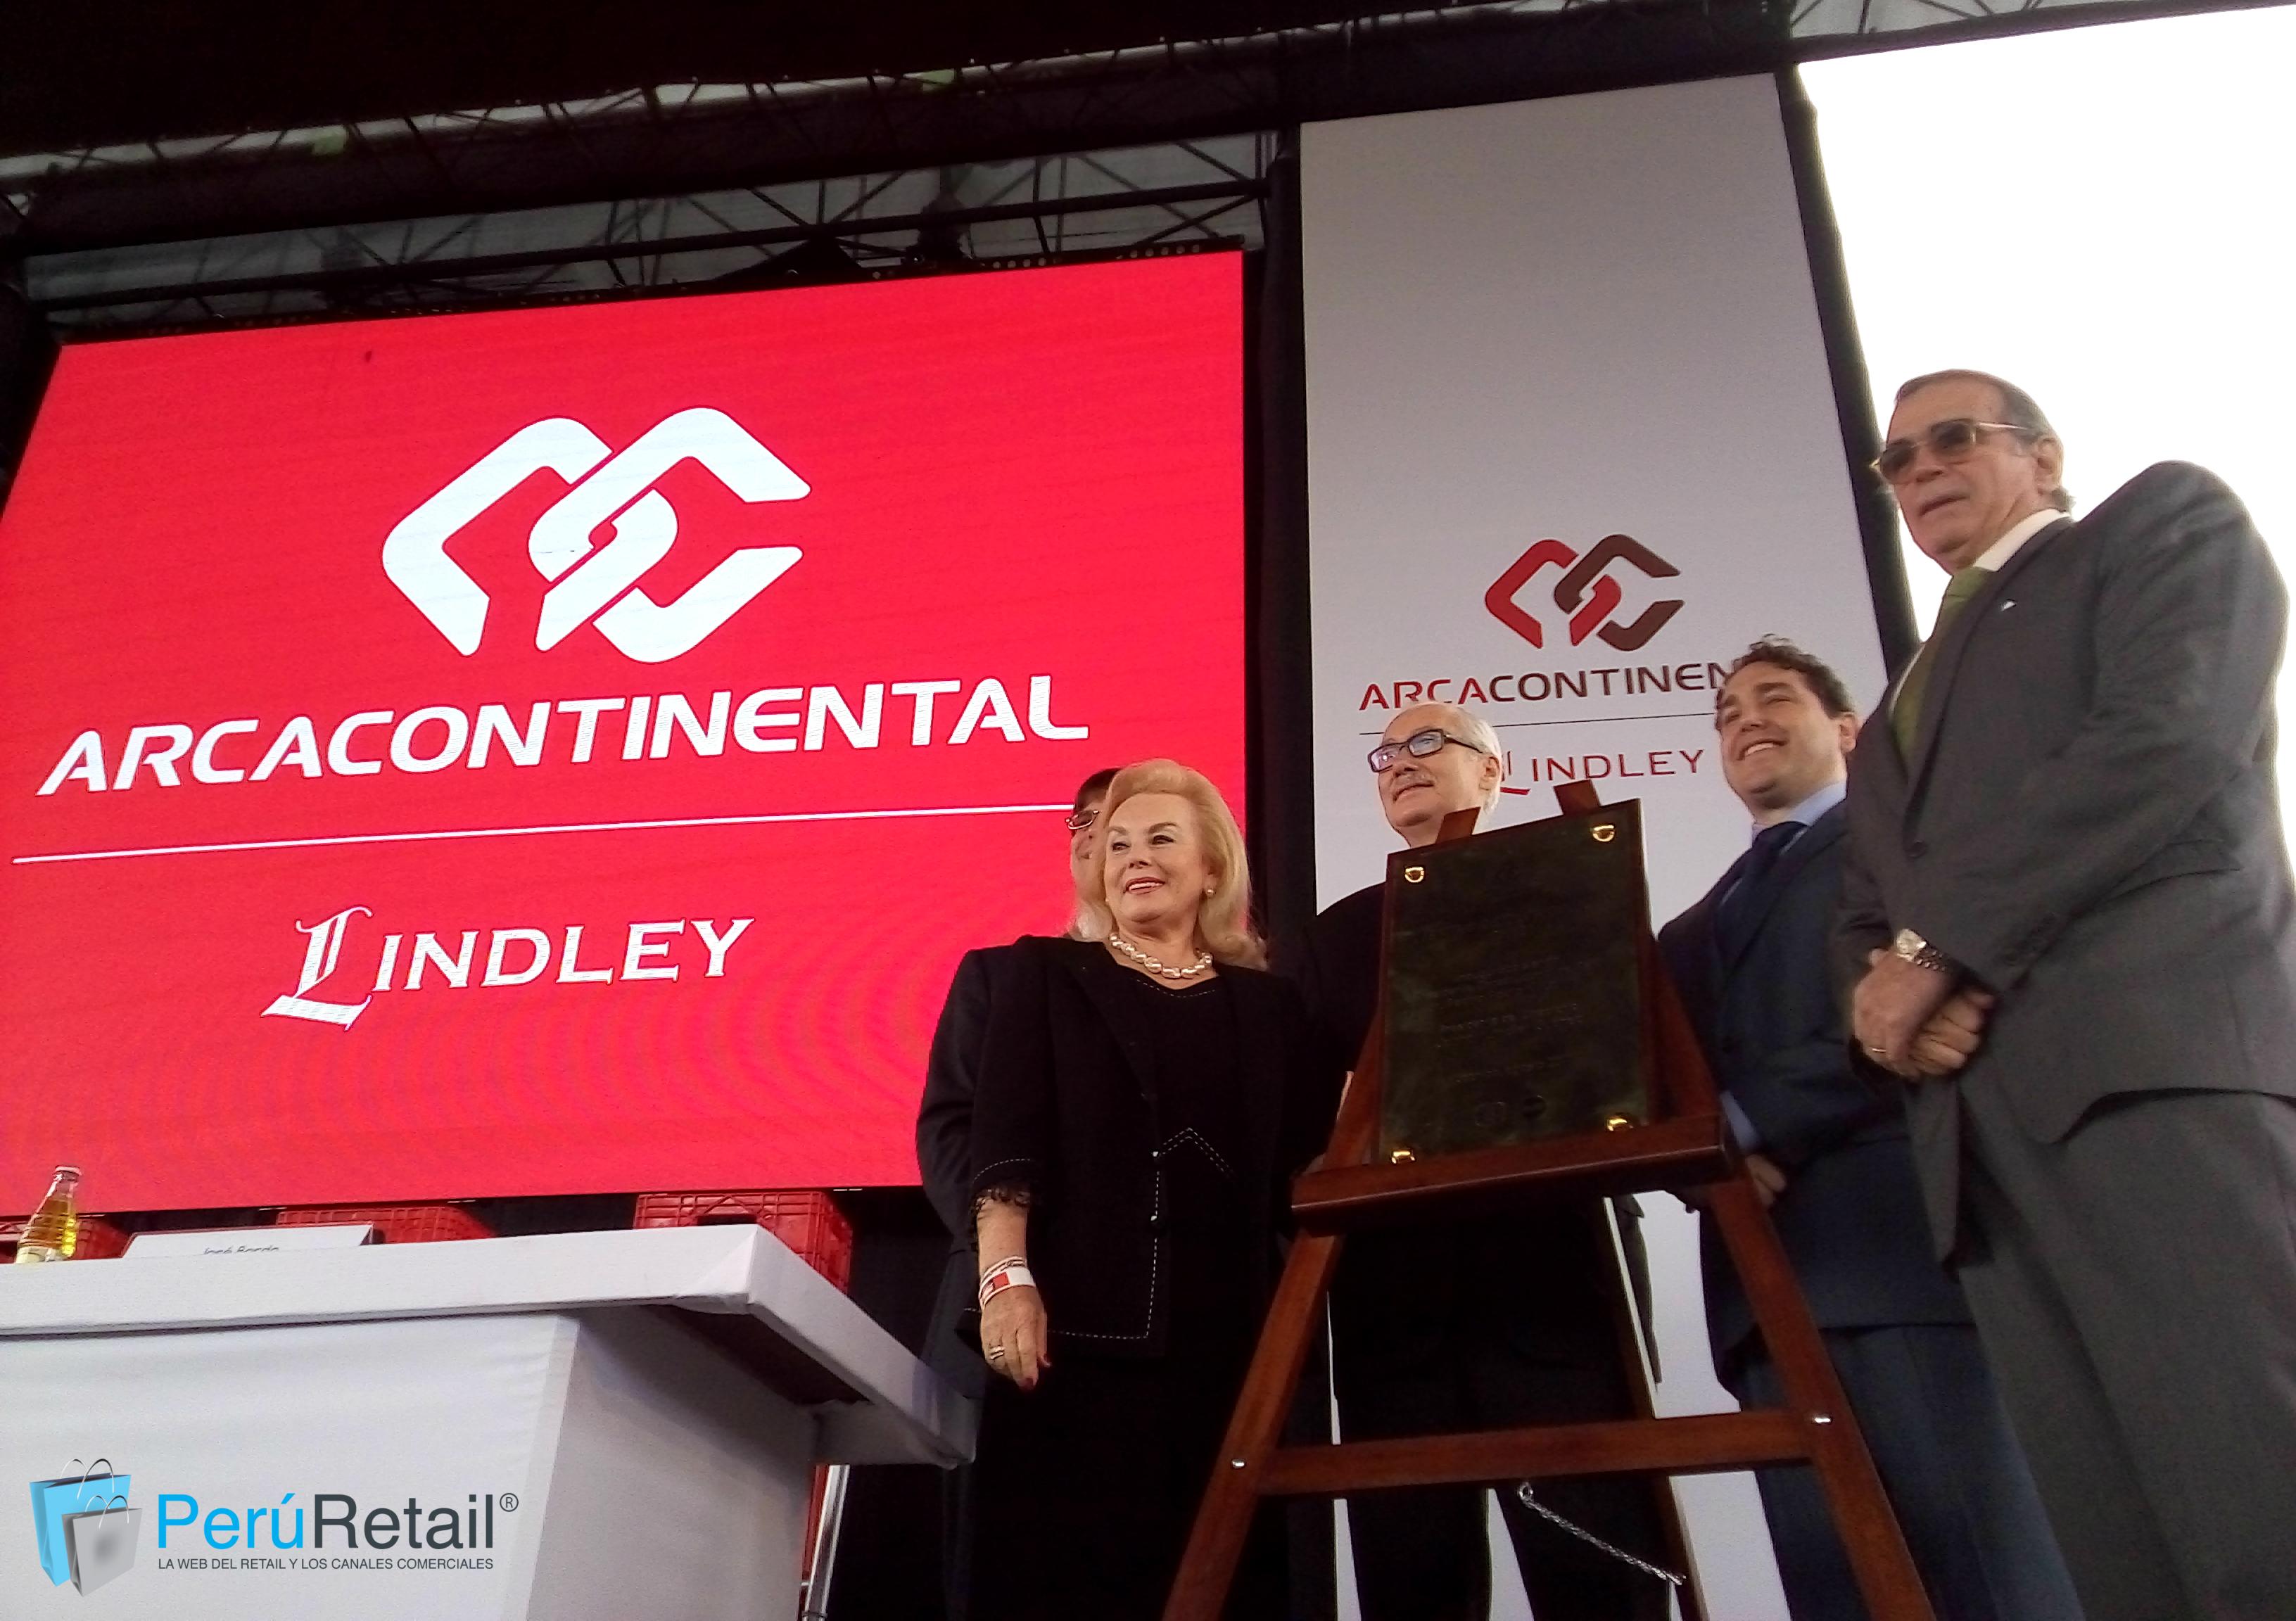 Arca Continental Lindley peru retail 1 - Ingresos de Arca Continental podrían aumentar a 224,000 millones de pesos para el 2022